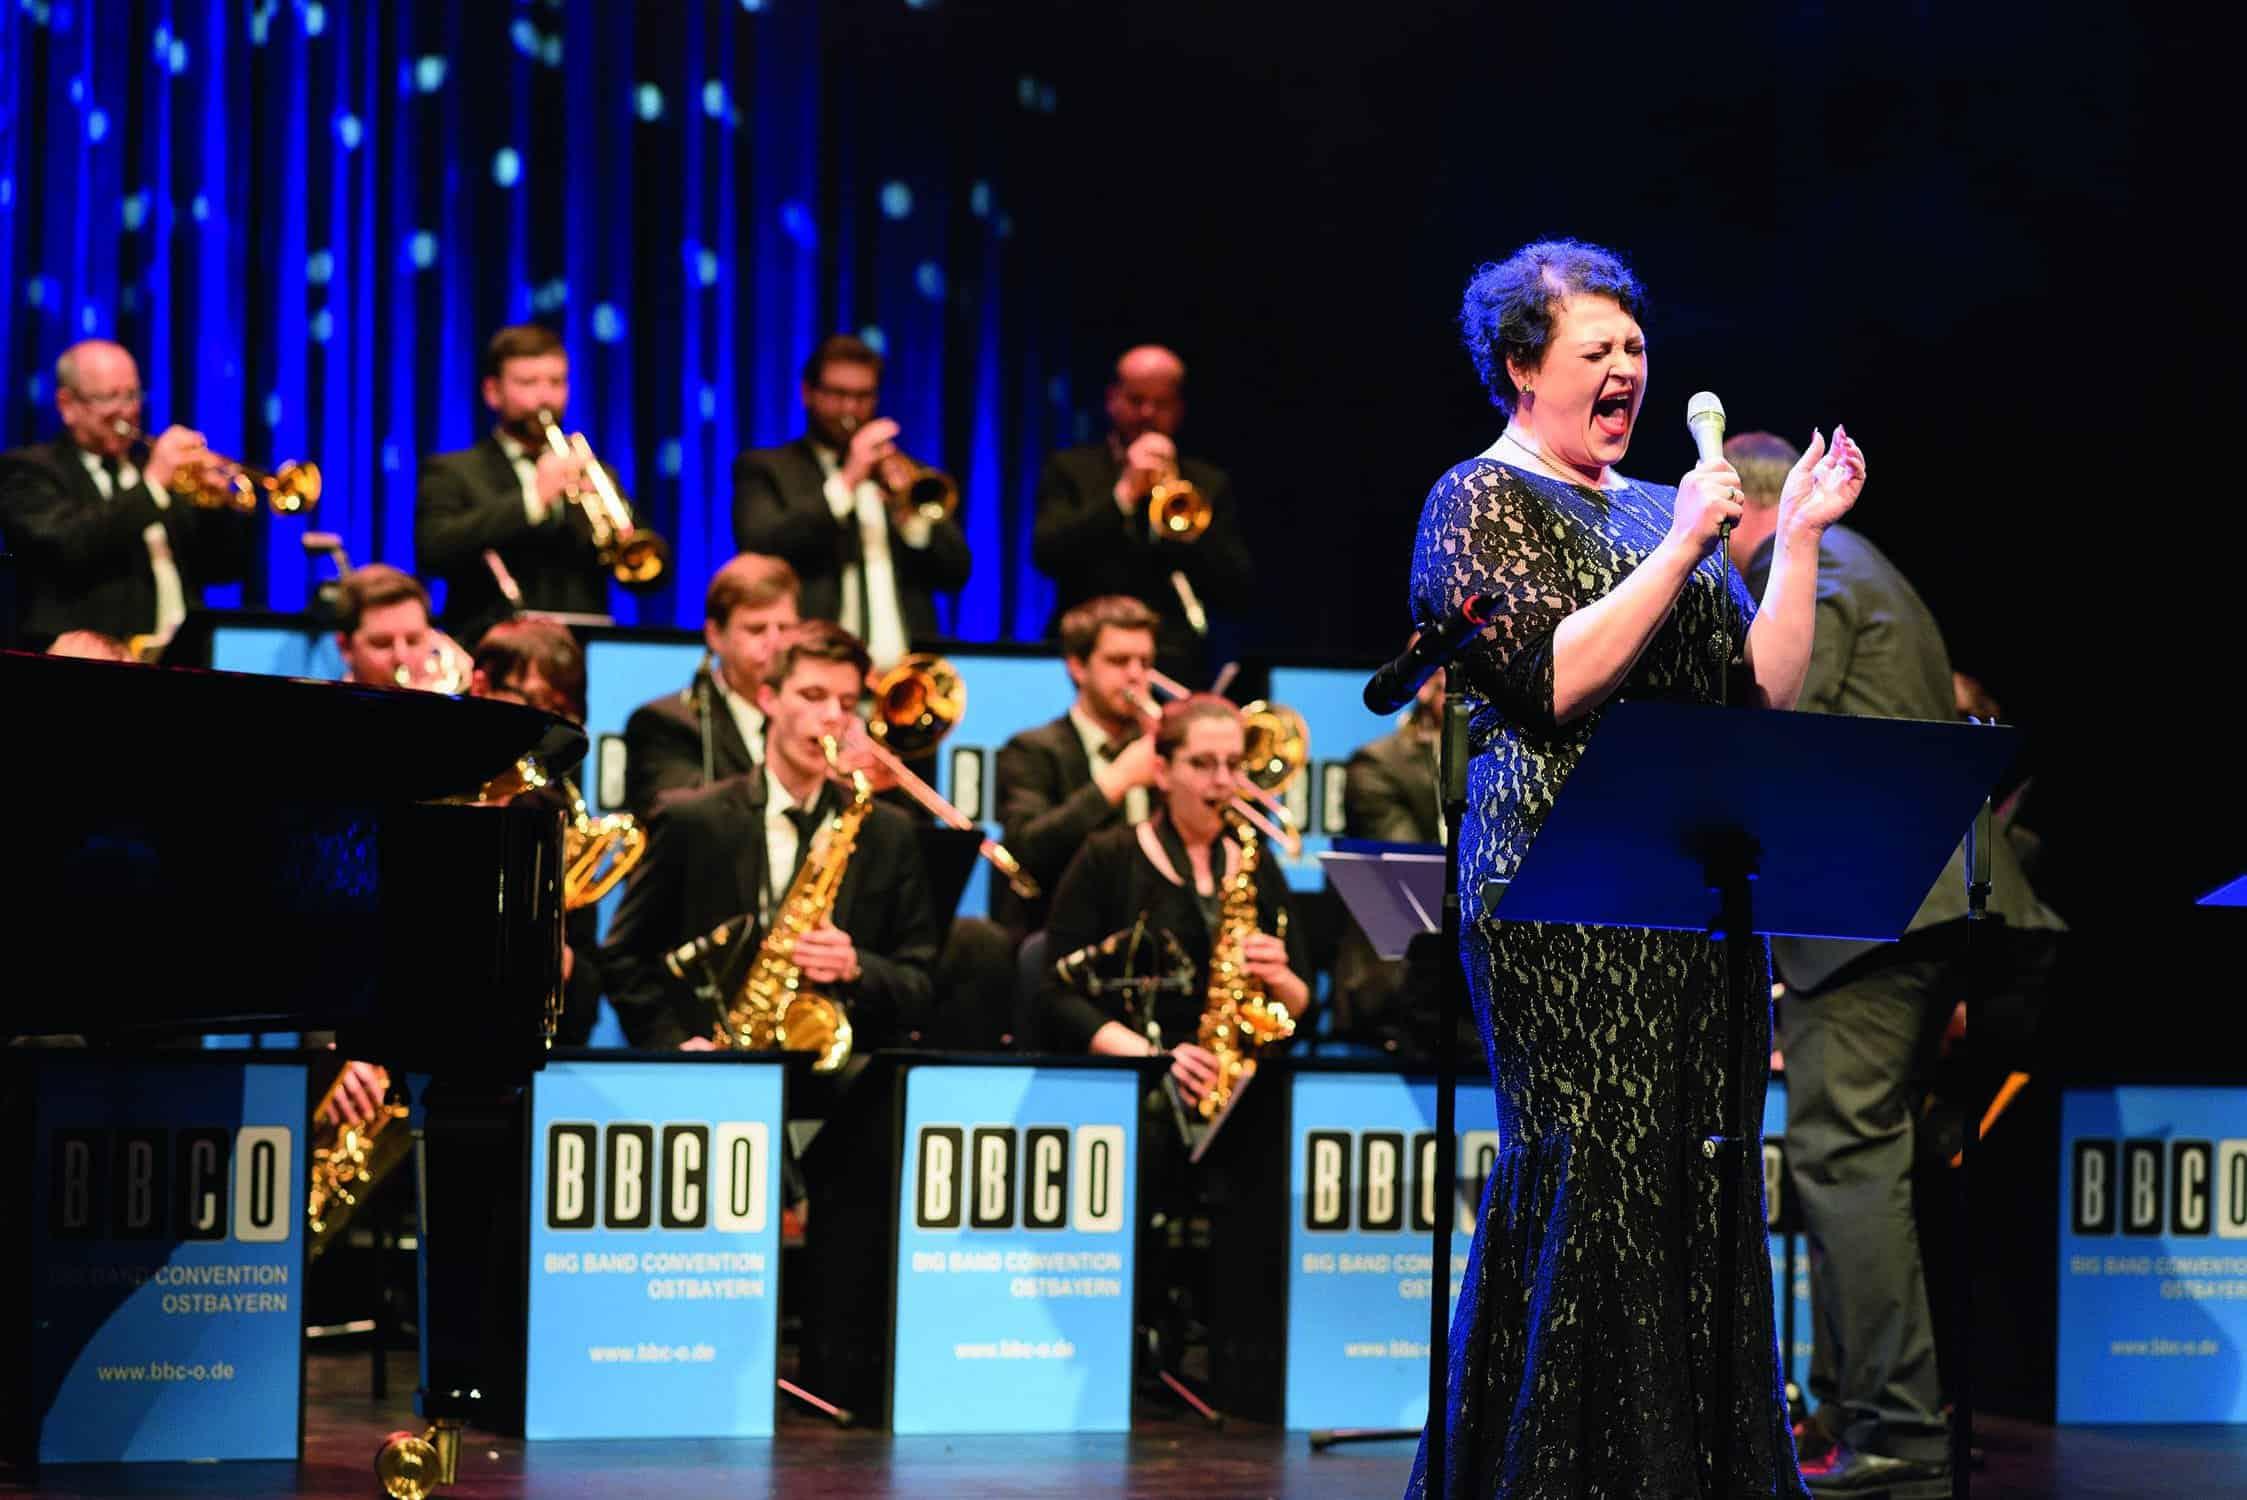 Big Band Convention Ostbayern feat. Steffi Denk @ Jazzclub im Leeren Beutel | Regensburg | Bayern | Deutschland